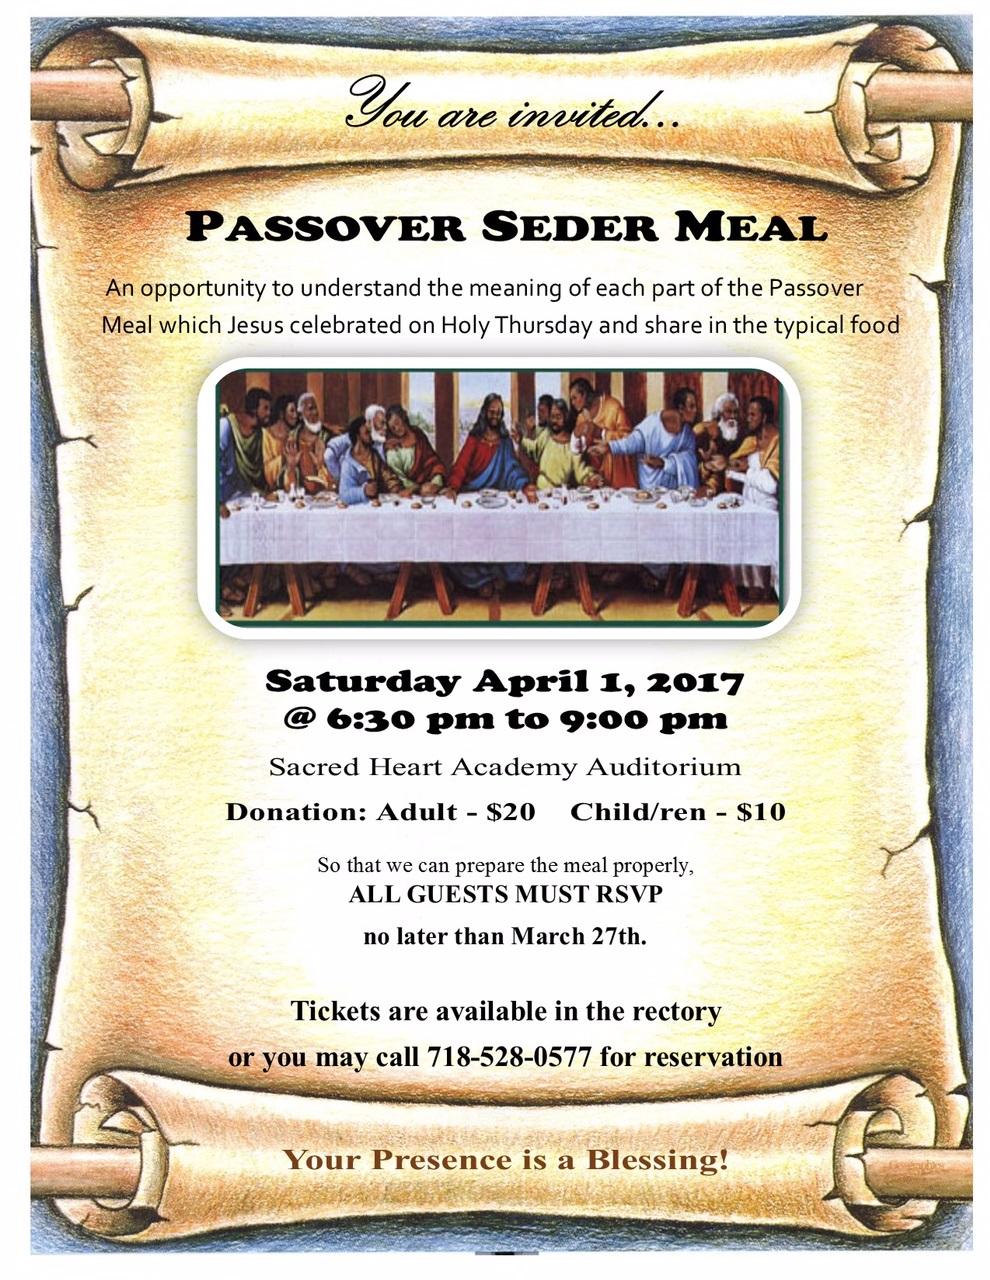 Passover_seder.jpg